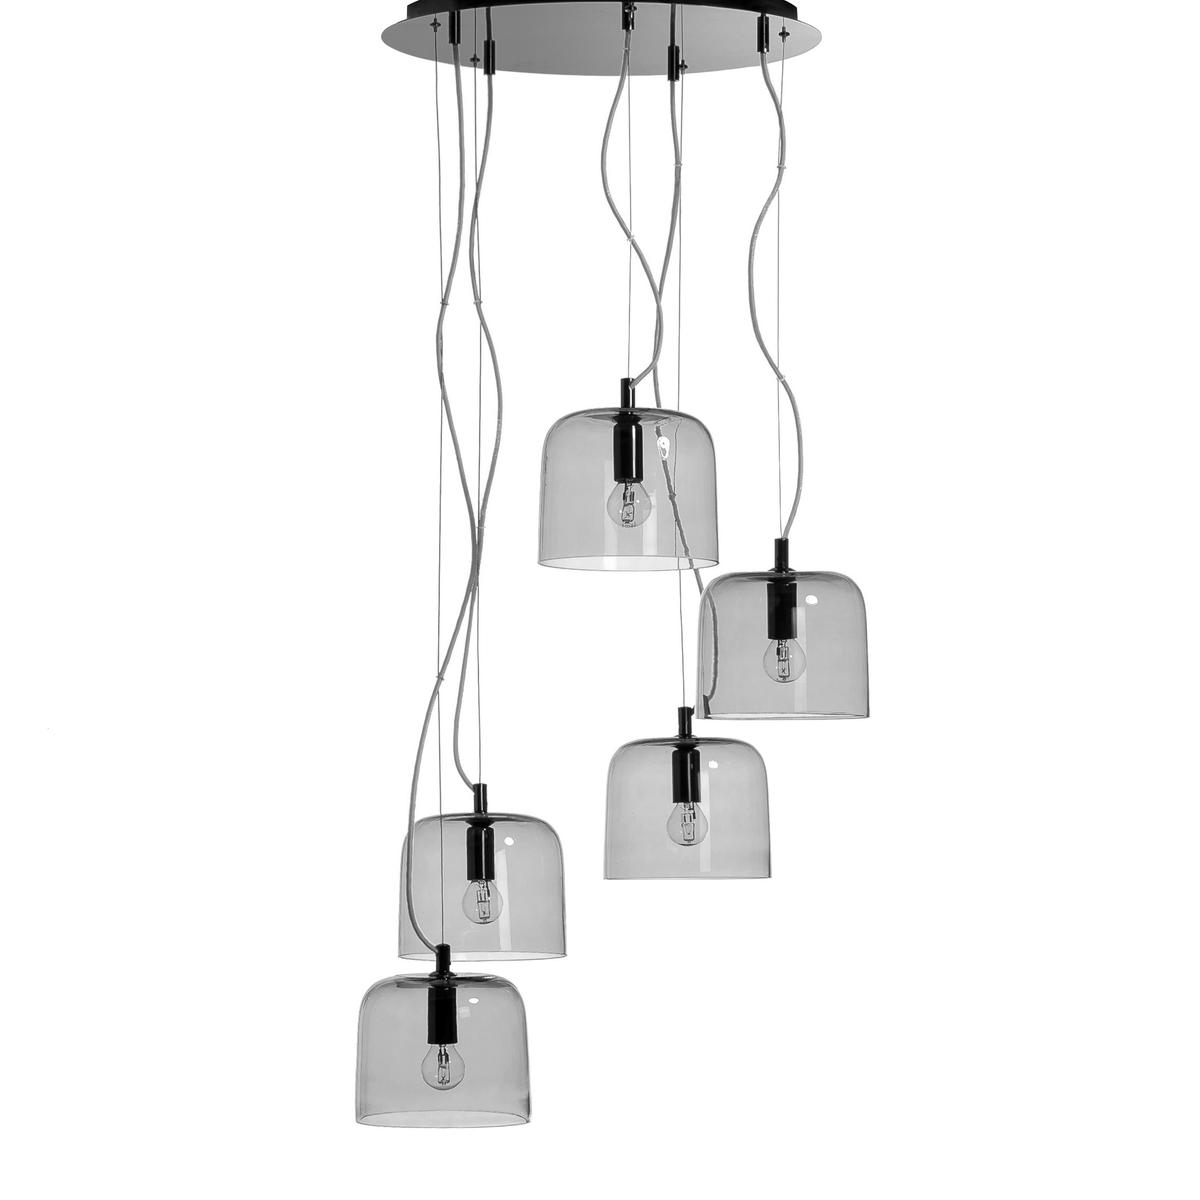 Люстра Zella с 5 абажурами, дизайн Э. ГаллиныКабель с оболочкой из текстиля цвета антрацит длиной 20-130 см.Металлический кронштейн с 5 патронами E14 для лампы макс. 40 Вт (продается отдельно) и чаша.Совместима с лампами класса энергопотребления A, B, C, D et E.<br><br>Цвет: серый